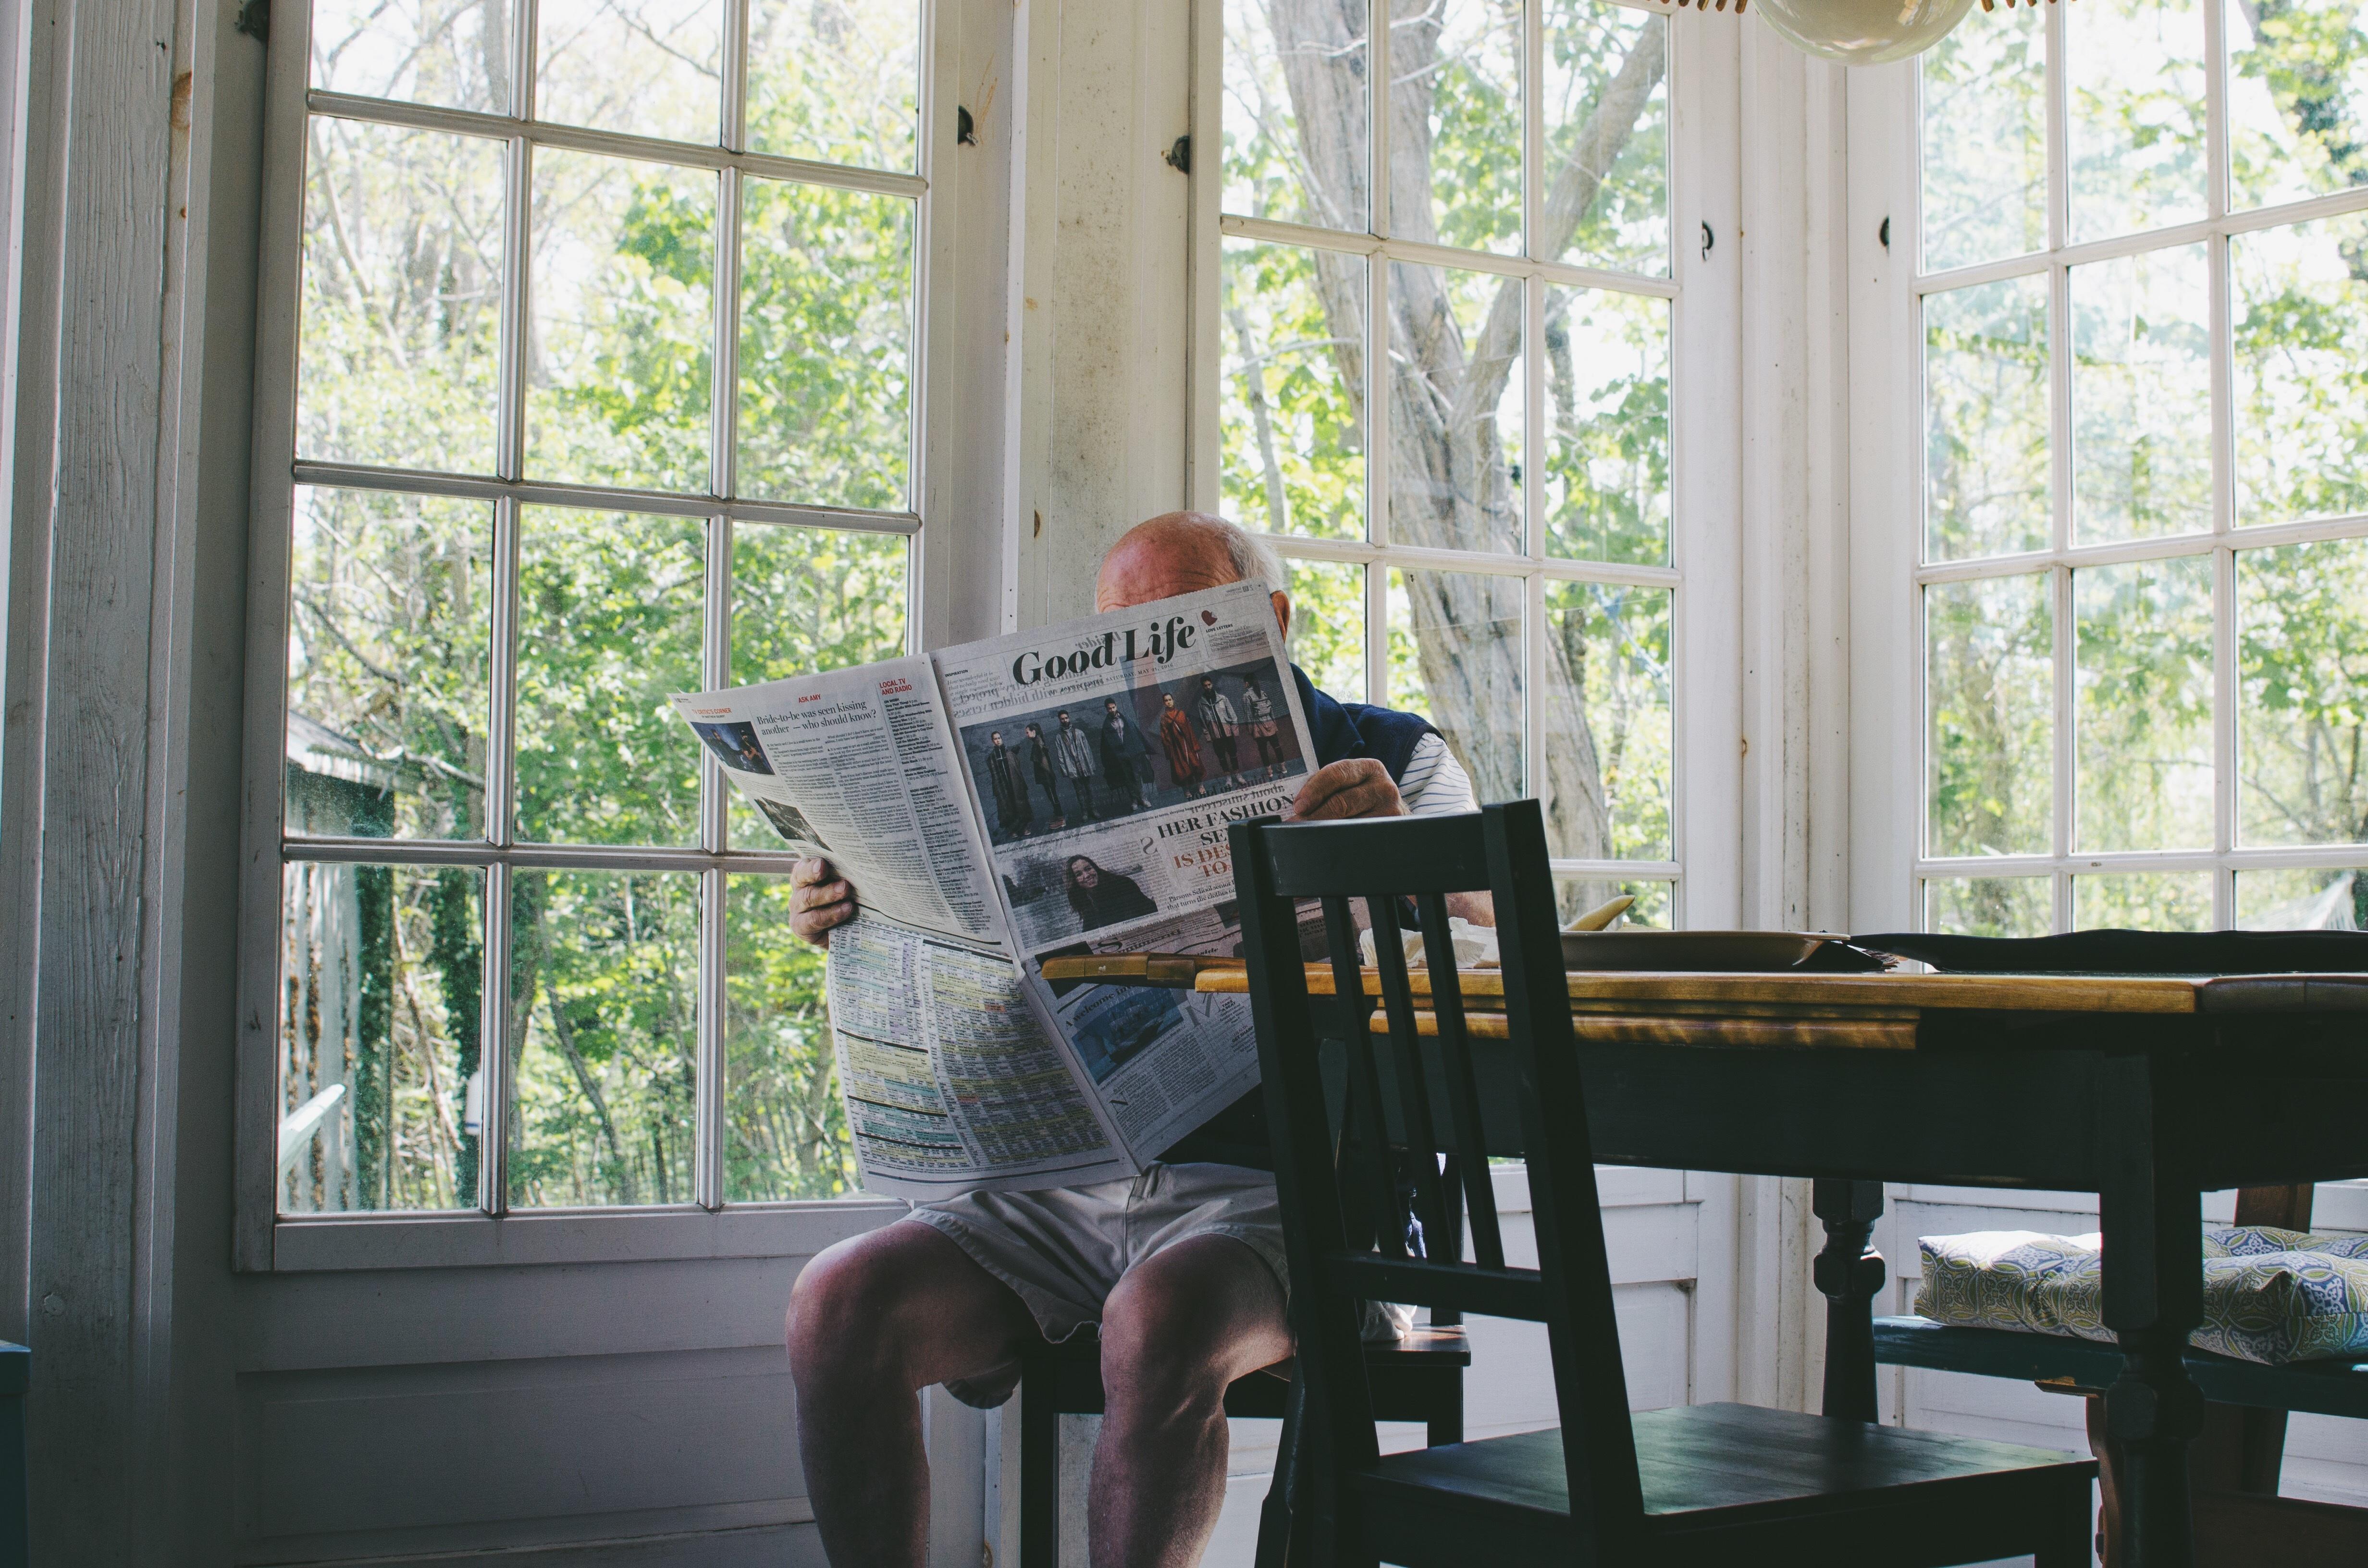 Gratis Afbeeldingen : man, persoon, huis, venster, huis-, lezing ...